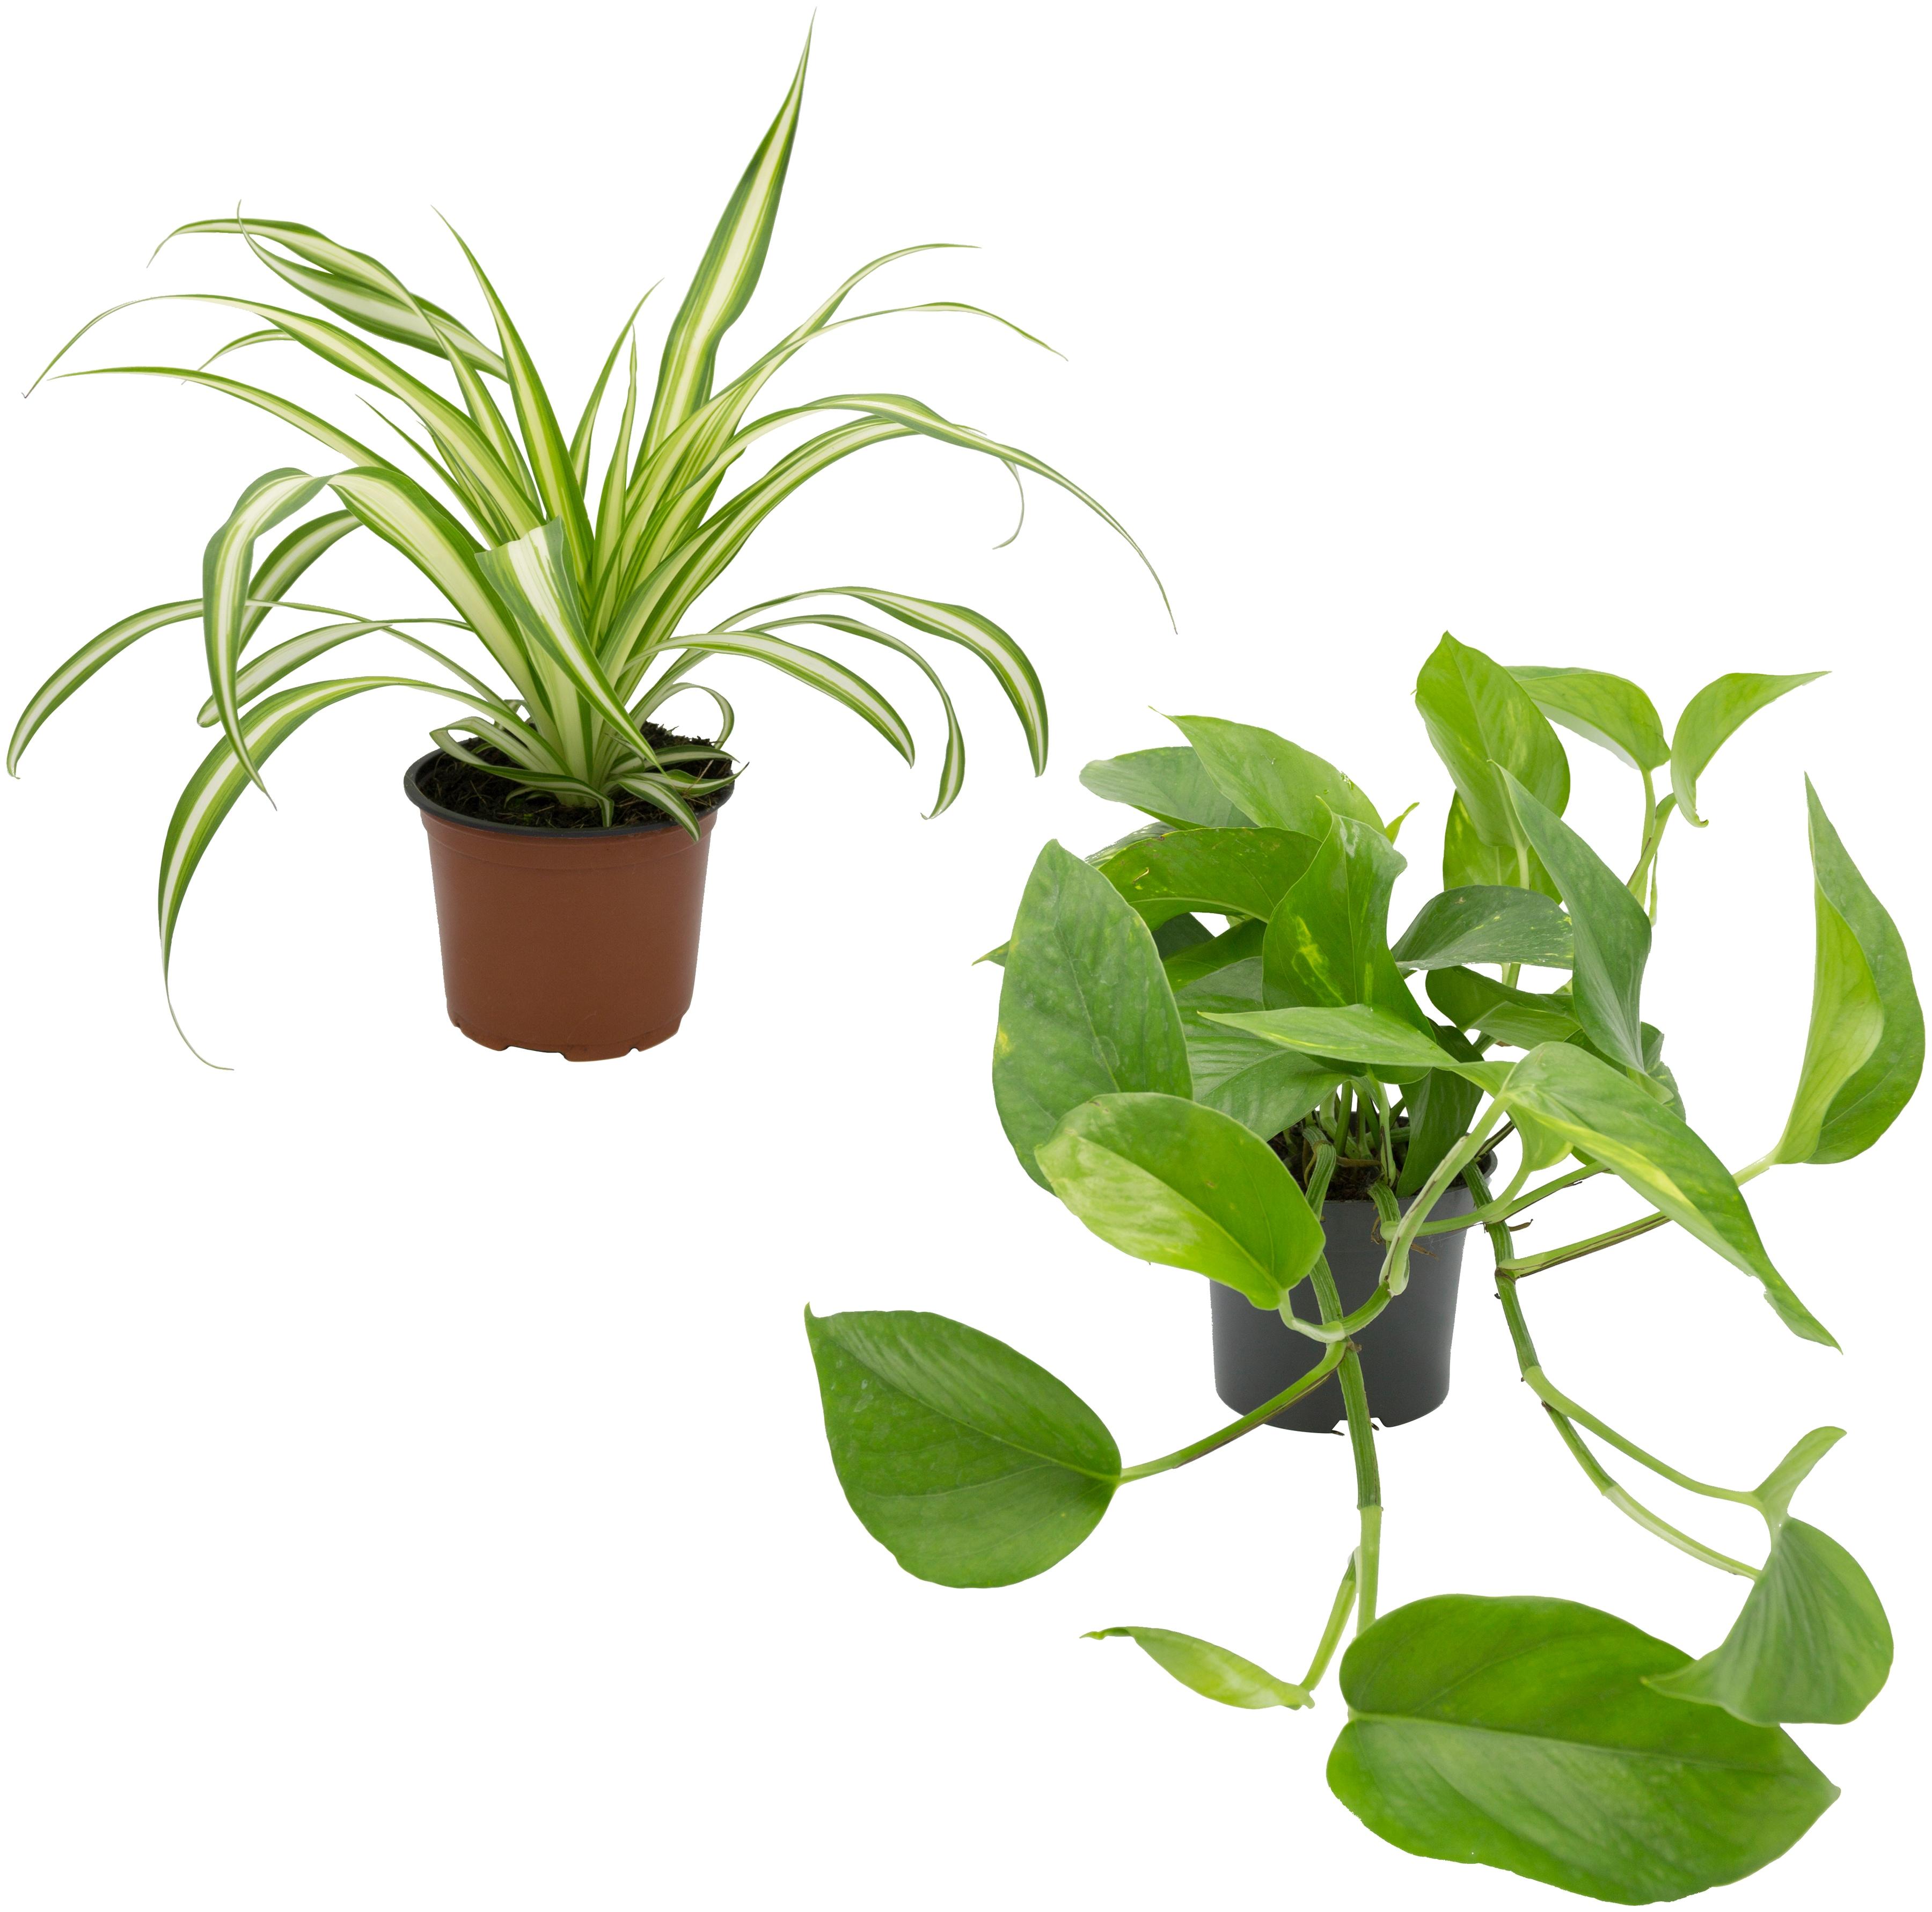 Dominik Zimmerpflanze Grünpflanzen-Set, Höhe: 30 cm, 2 Pflanzen grün Zimmerpflanzen Garten Balkon